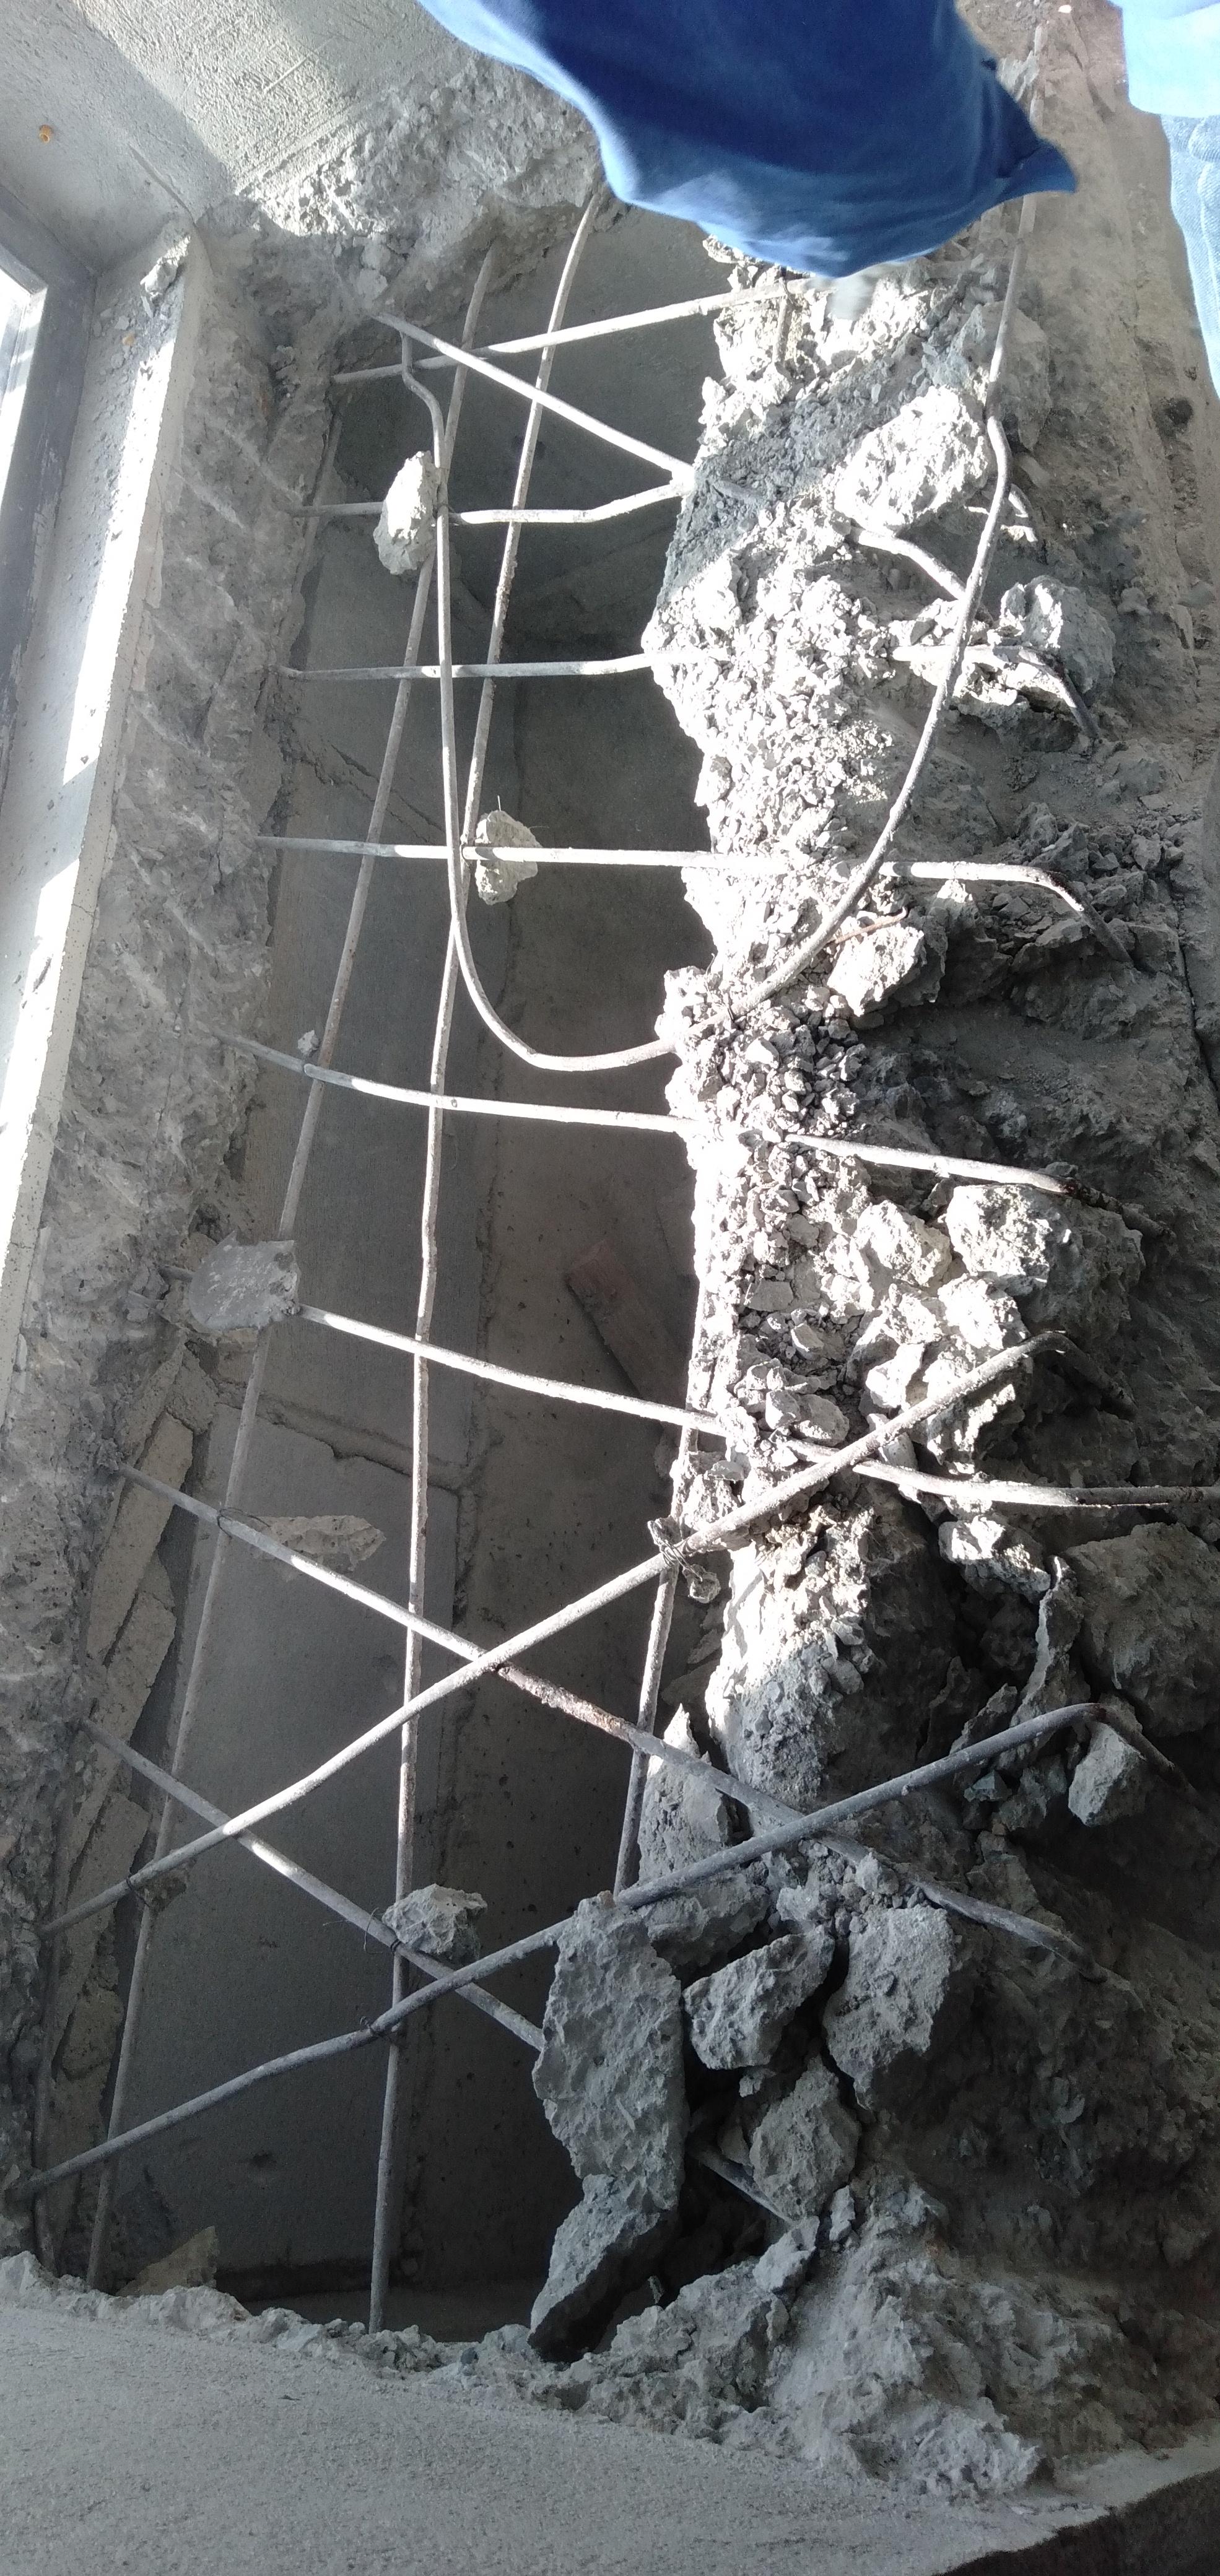 武汉建筑拆除报价 湖北武汉广告牌拆除 湖北武汉建筑拆除 武汉建筑物拆除公司